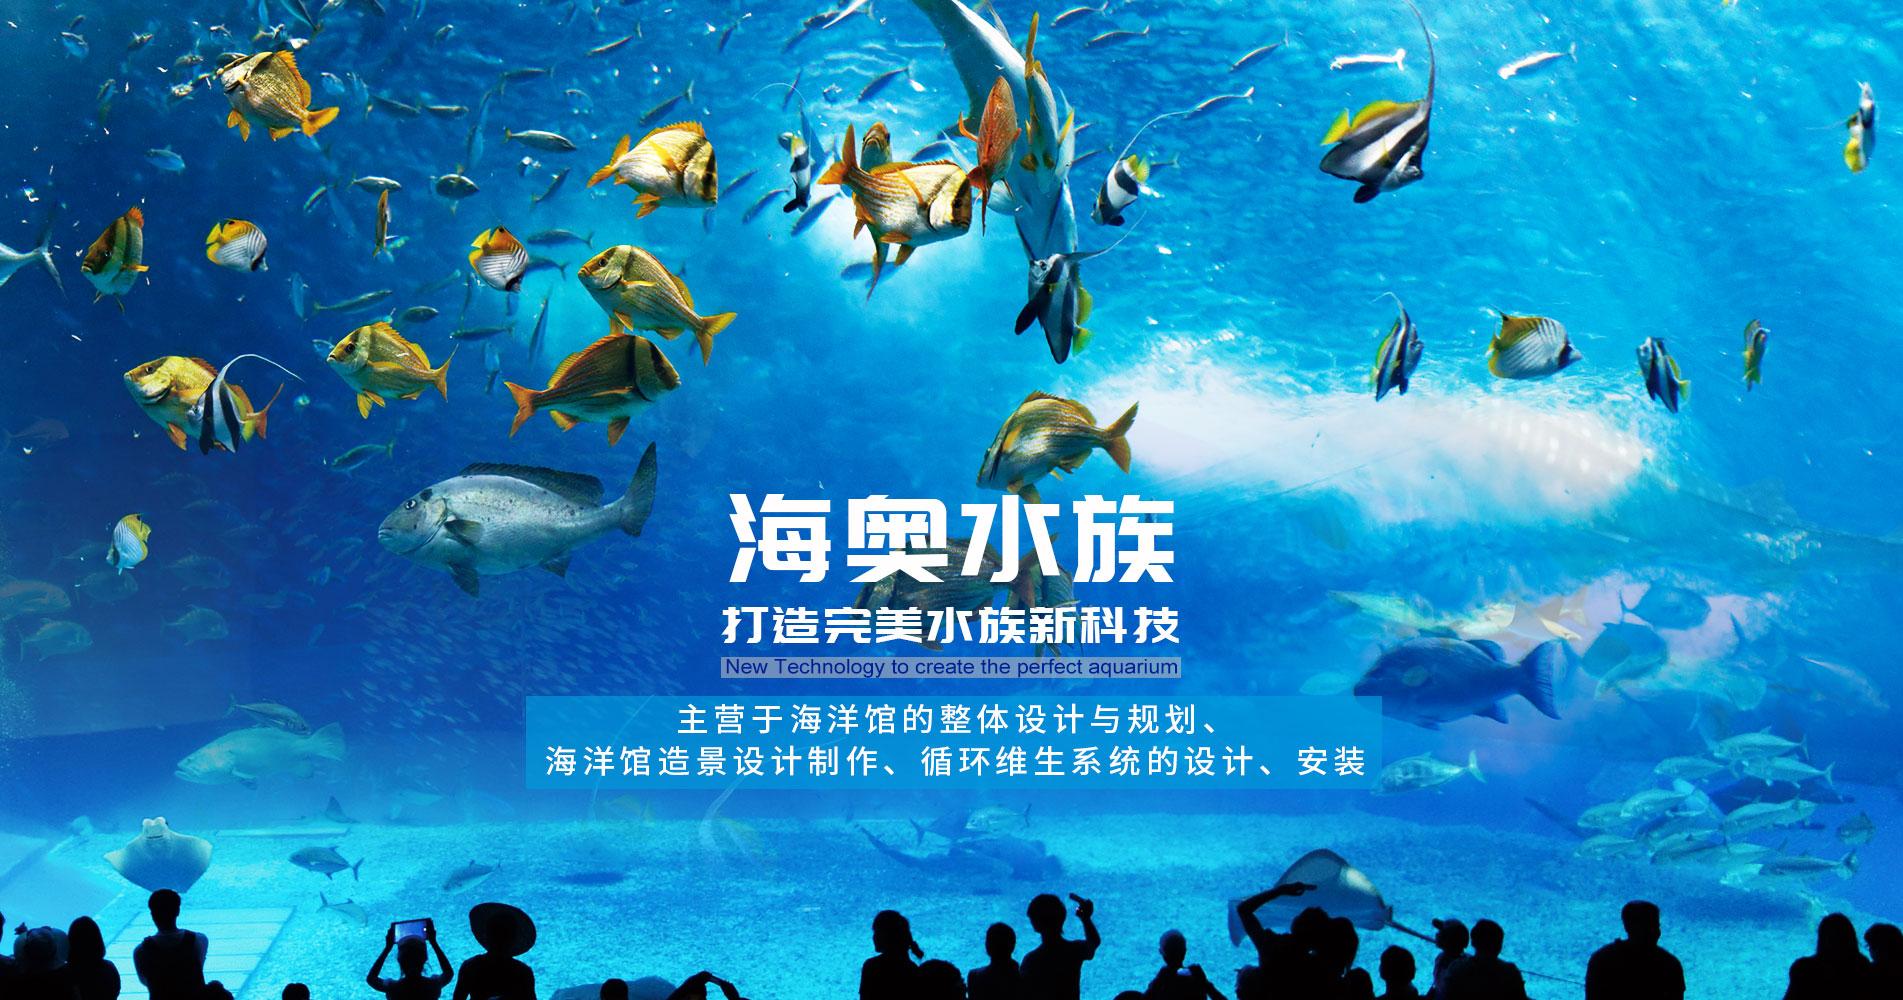 上海海奥水族科技有限公司